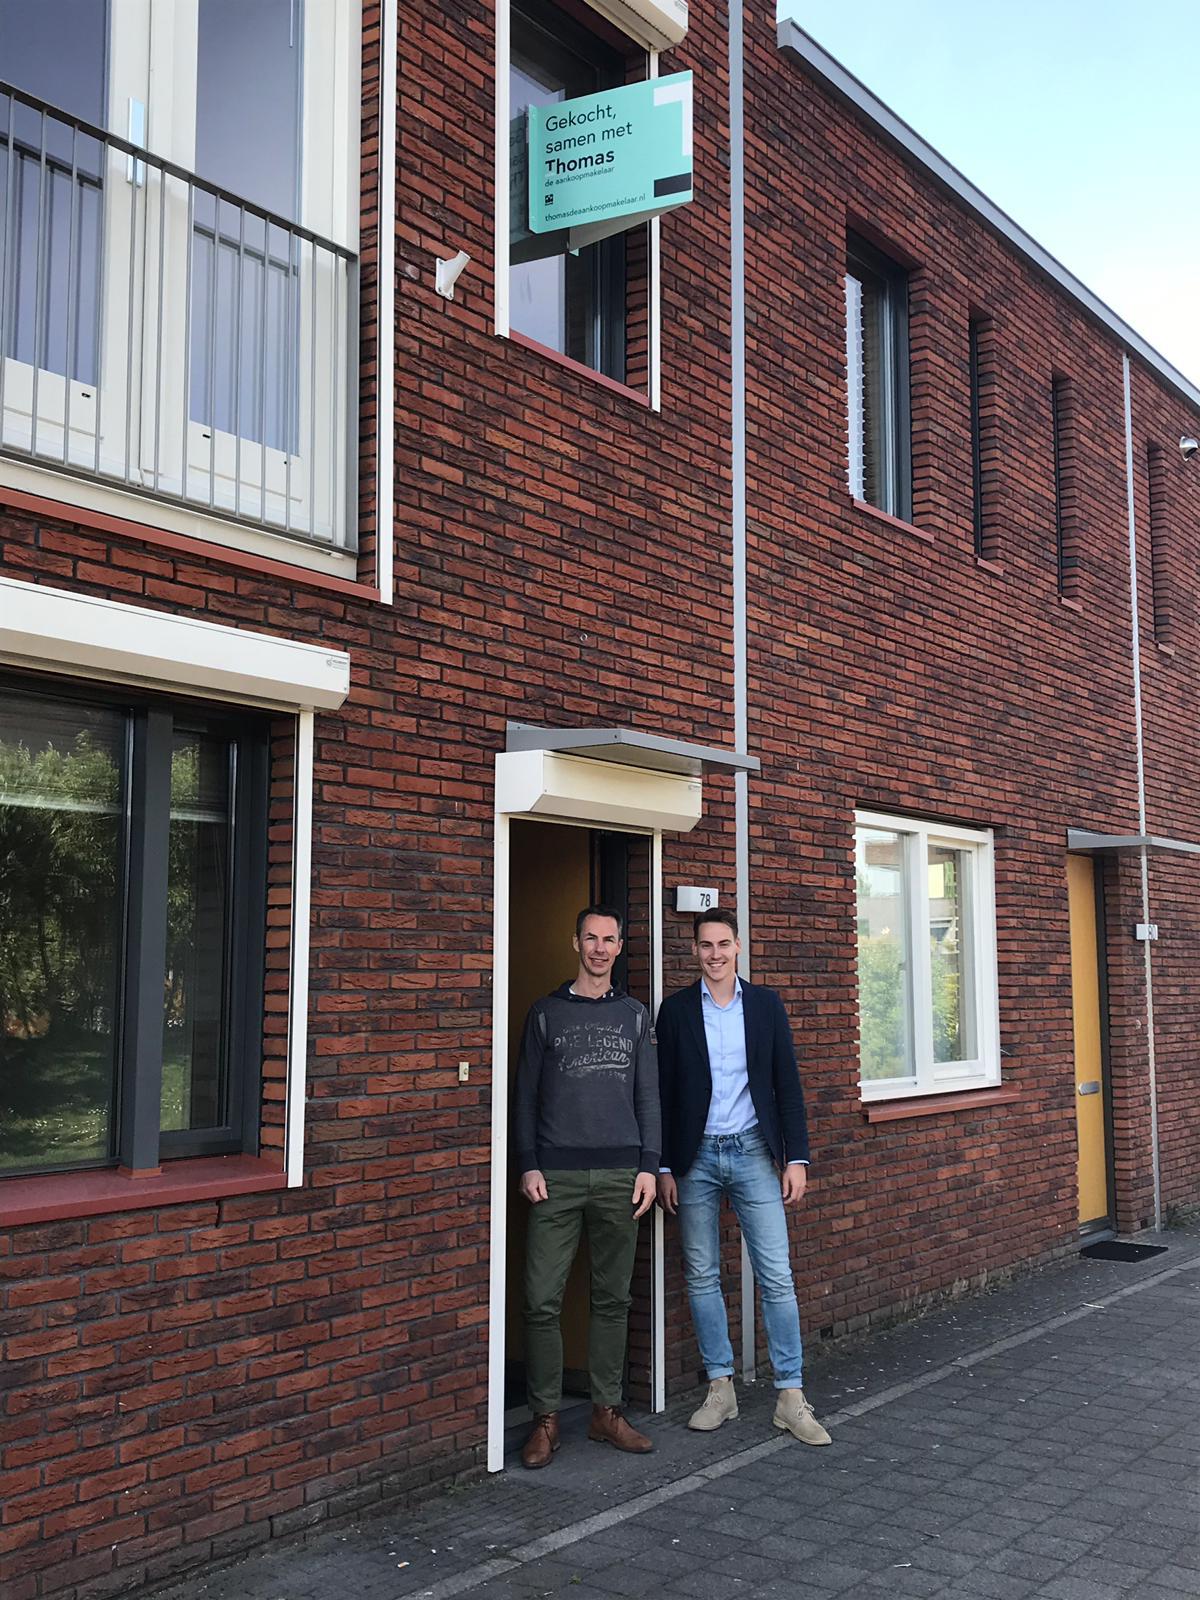 Huis in Utrecht gevonden voor Mark met Thomas de Aankoopmakelaar